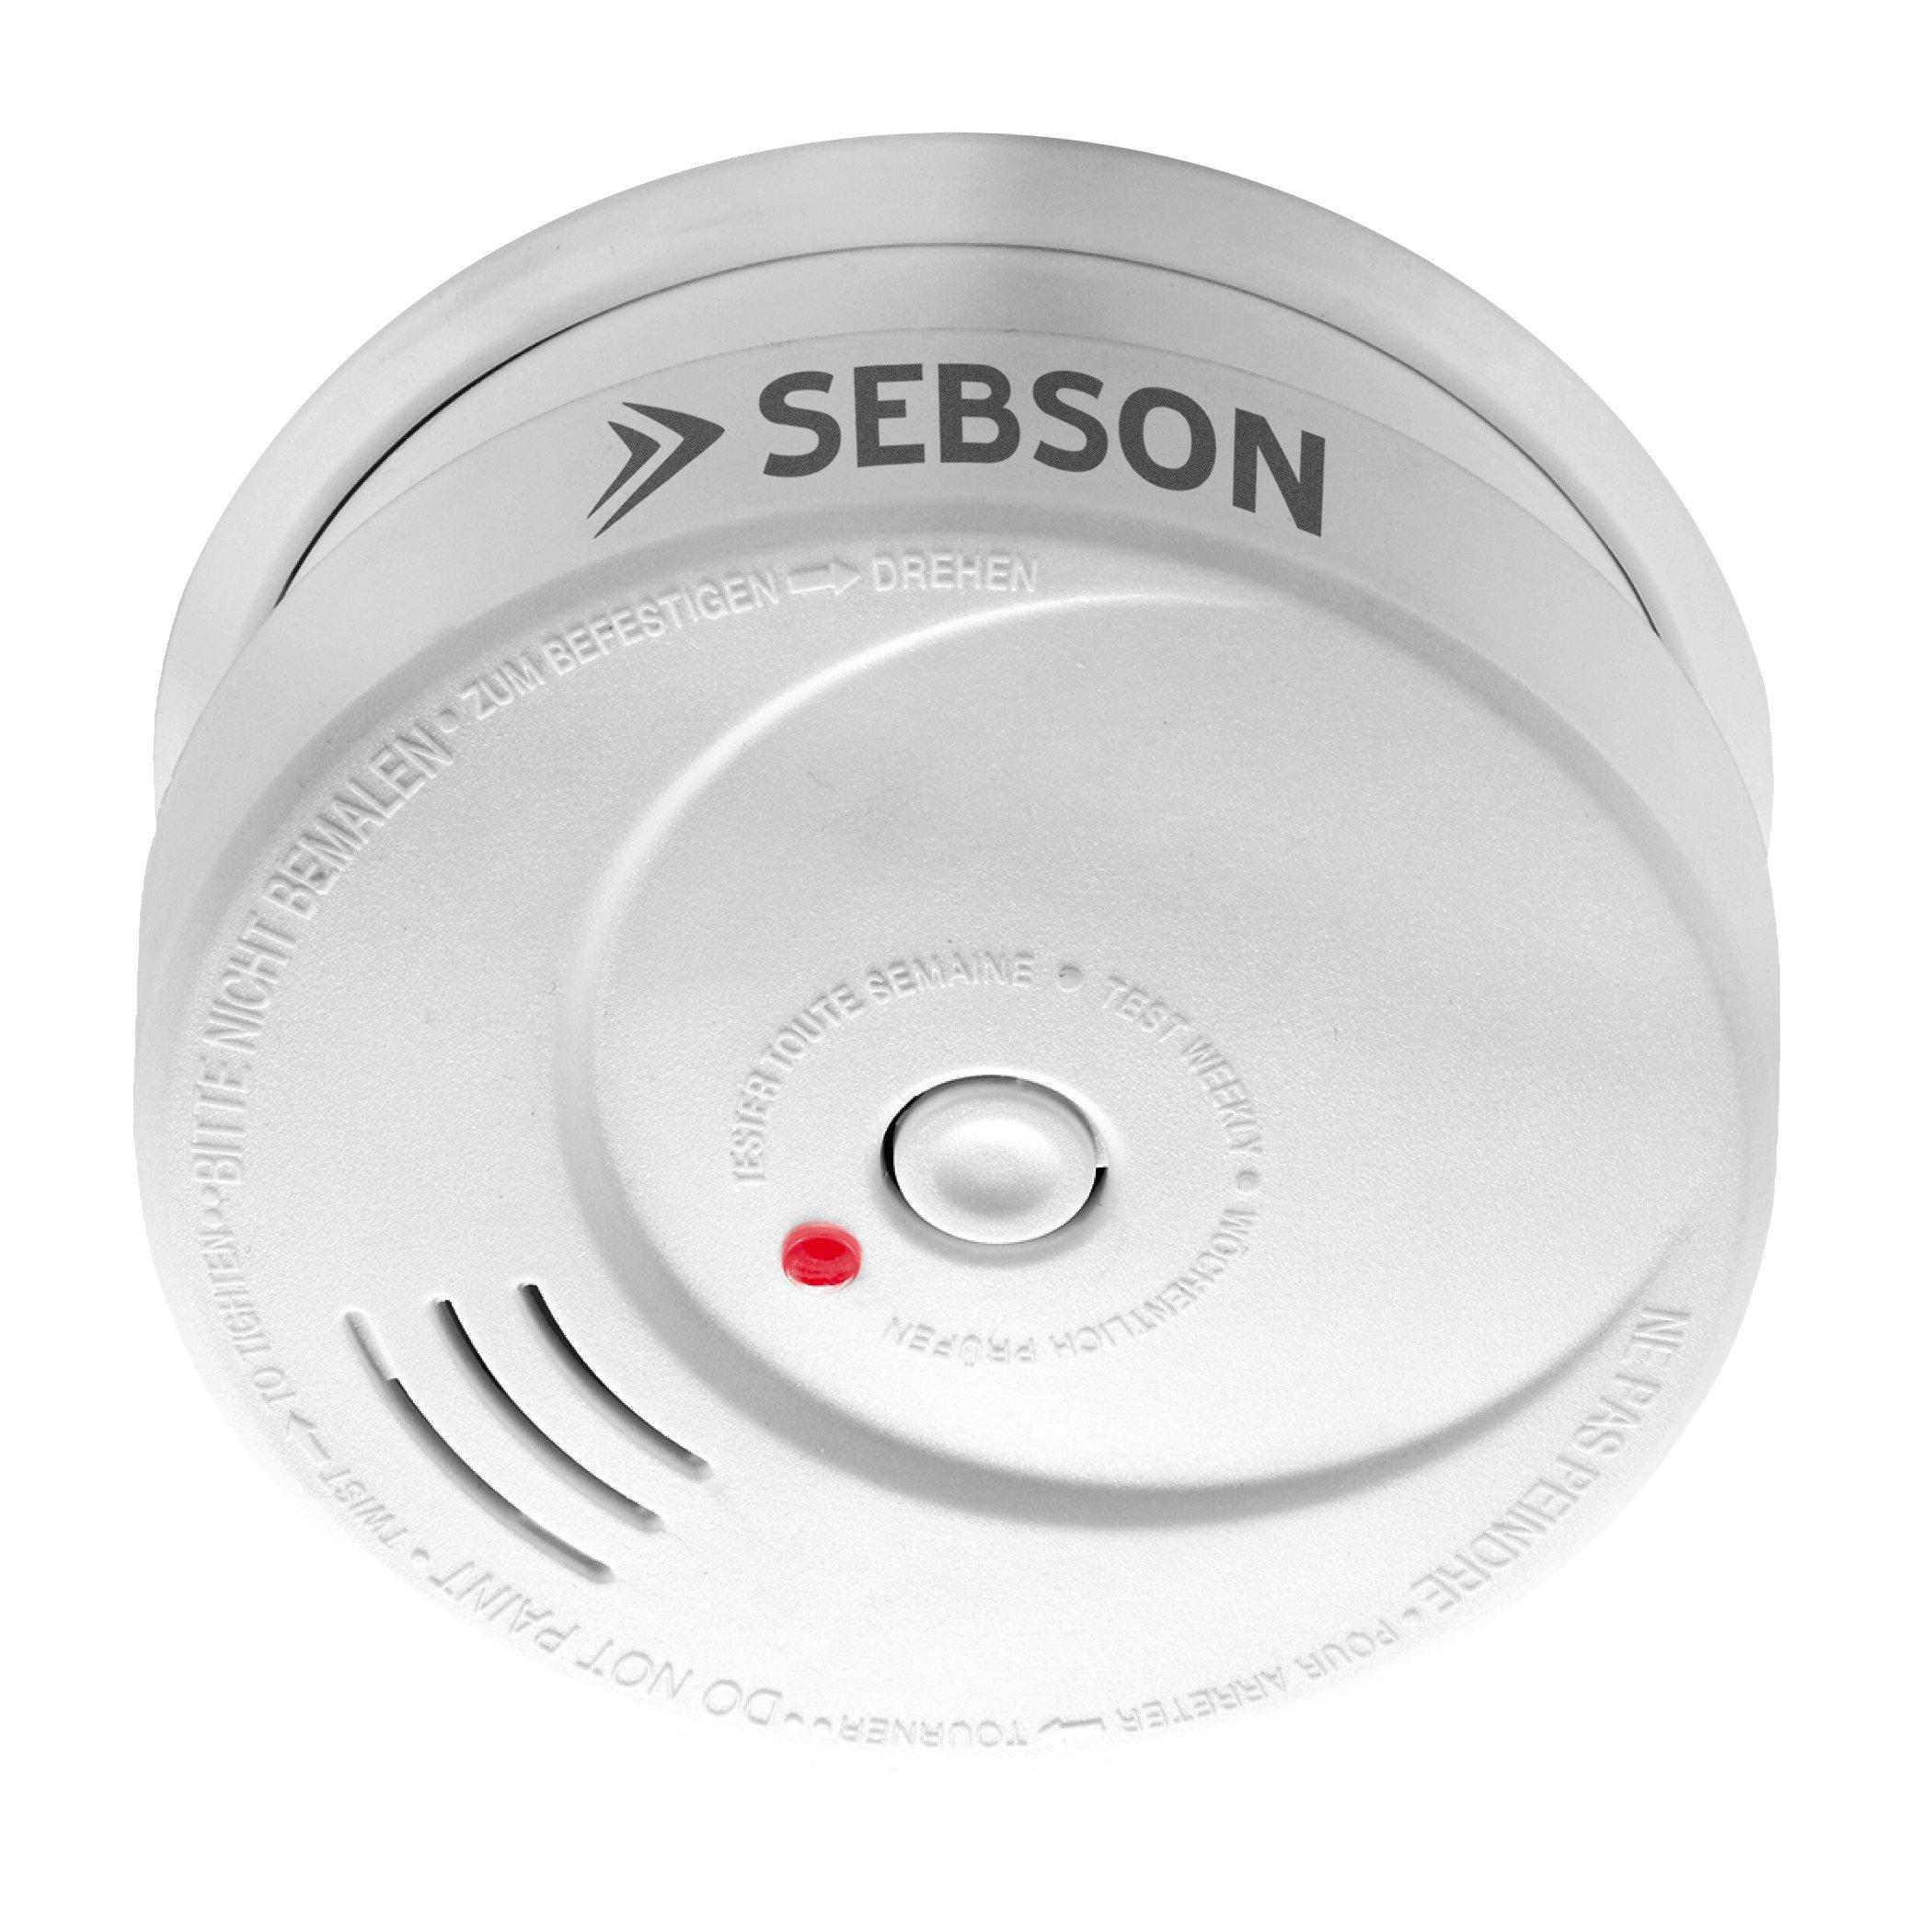 Sebson Detector de Humo NF, Batería de Litio de Larga Duración 10 Años, DIN